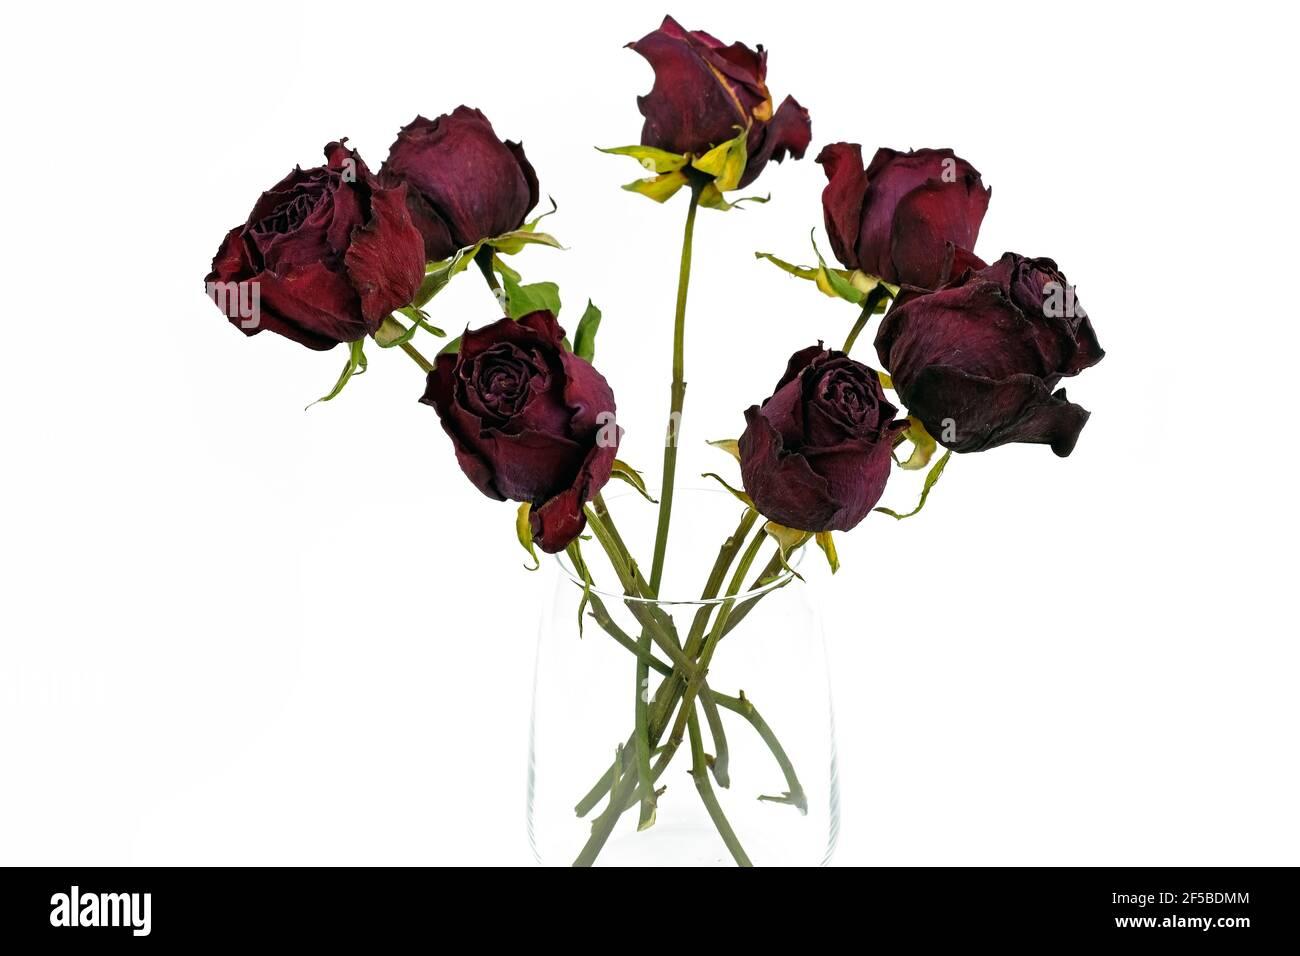 Séchez les roses dans un vase en verre sur fond blanc. Fleurs séchées dans un verre. Herbarium, un bouquet de roses rouges séchées. Banque D'Images